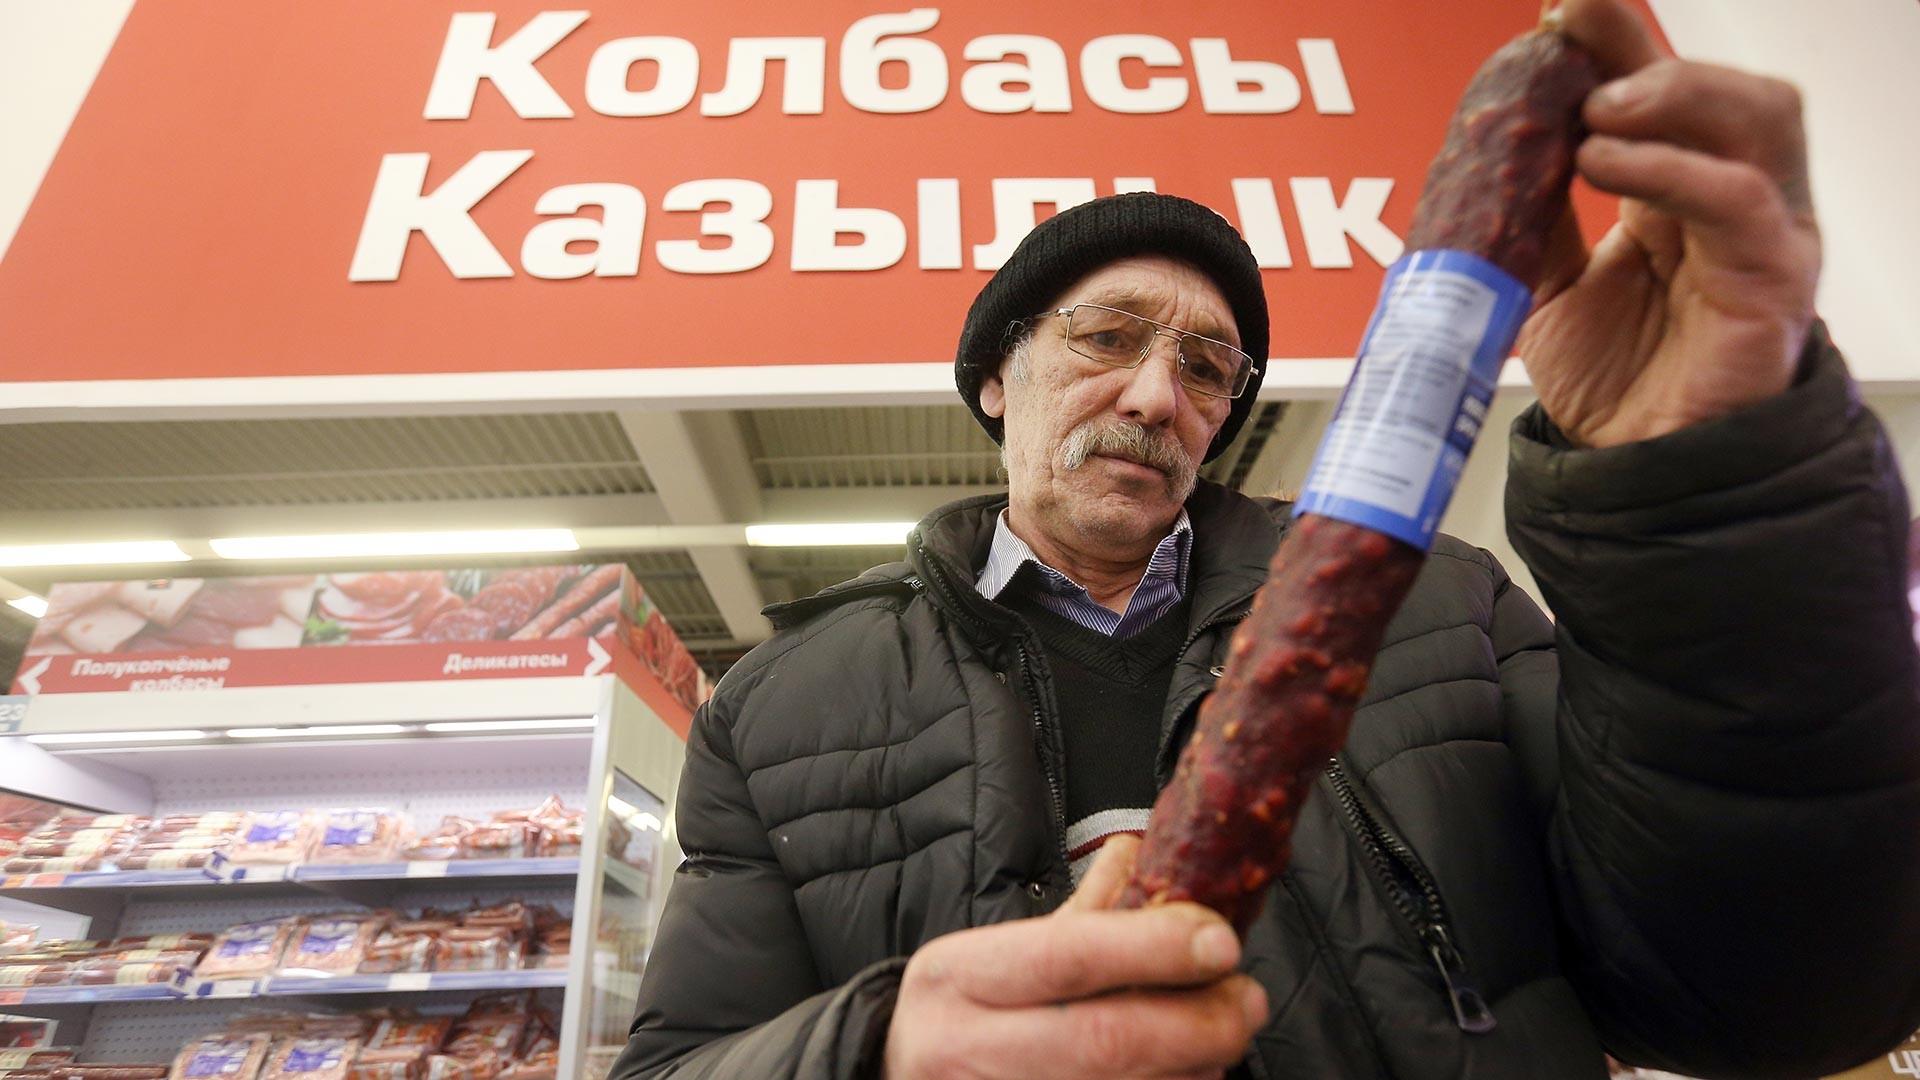 Казань, в магазине.